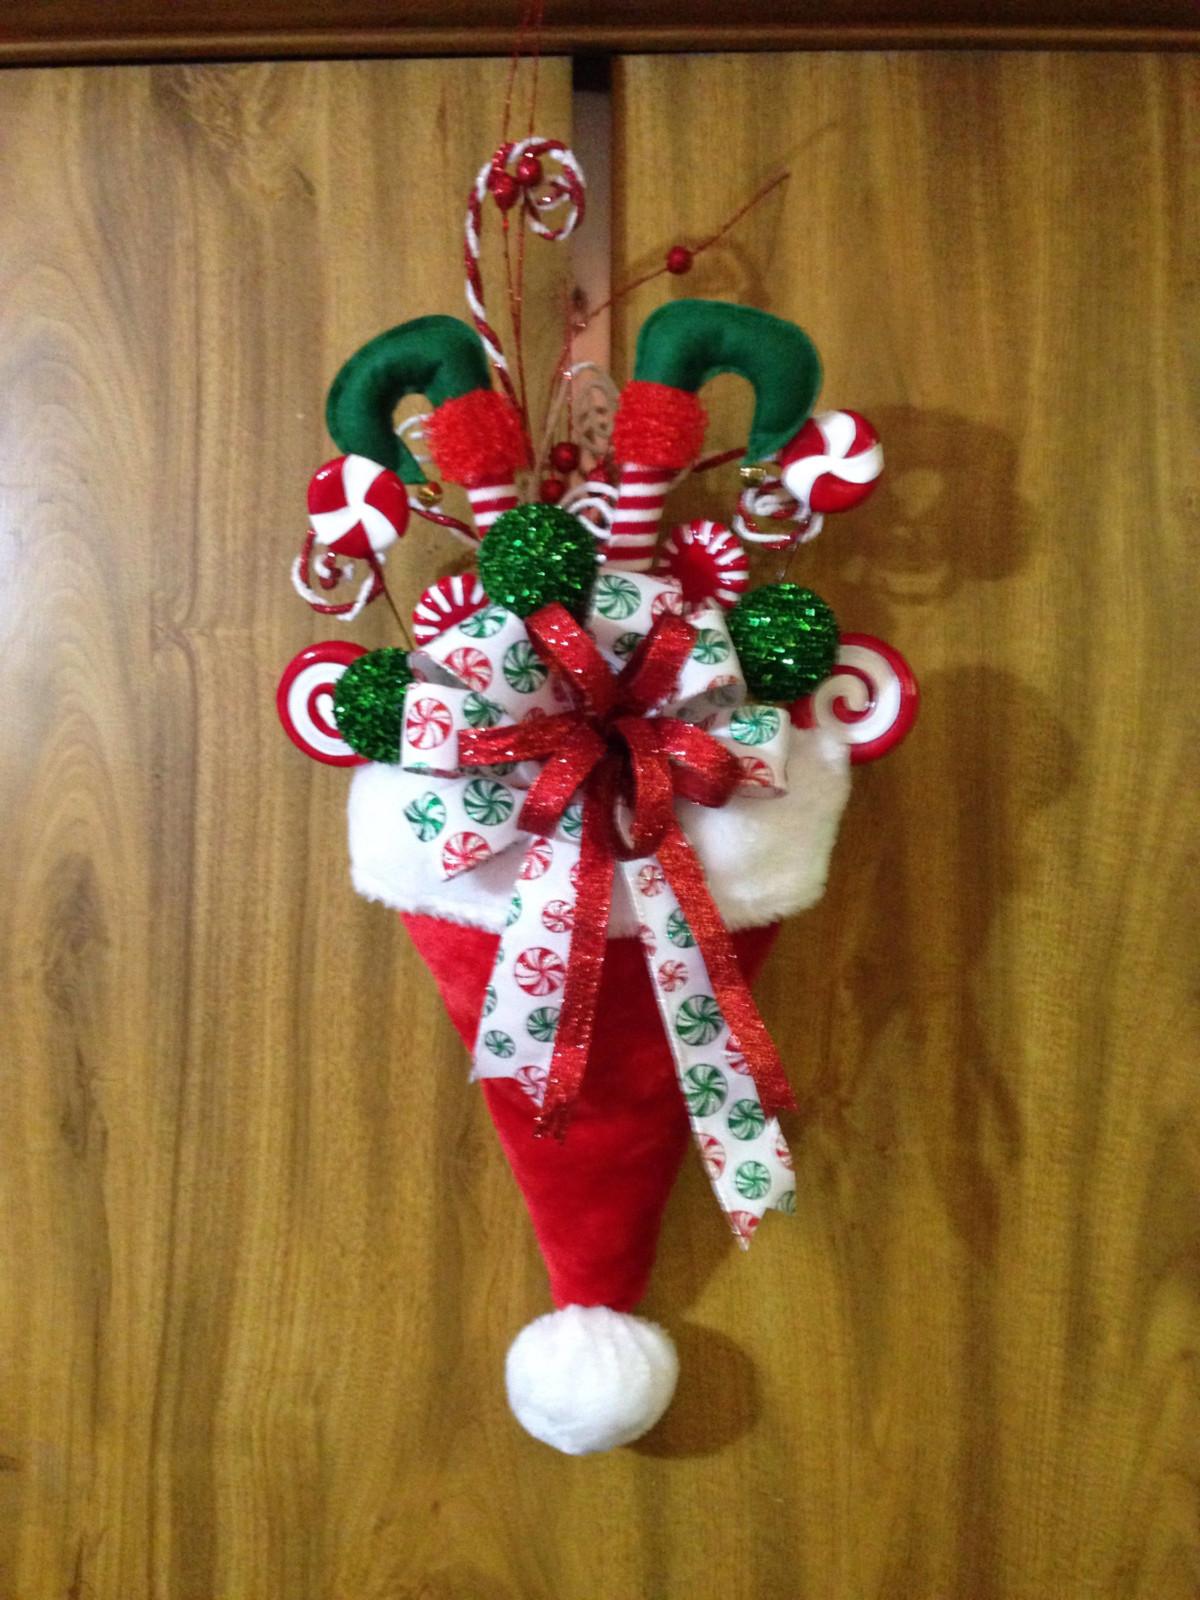 Decoraci n de navidad adornos arreglos rboles for Adorno navidad puerta entrada